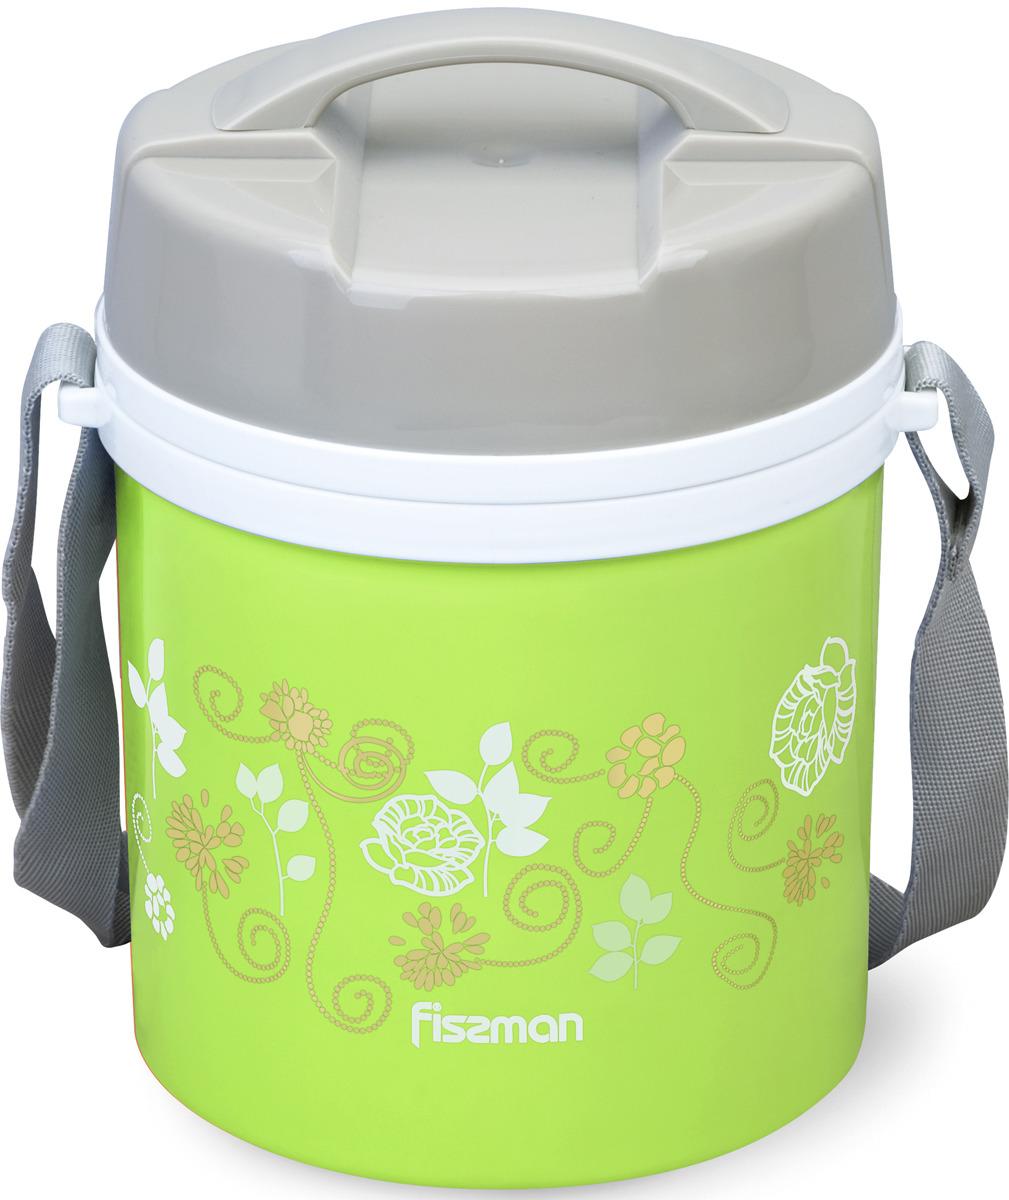 Термос Fissman, 7941, с широким горлом, 2 контейнера, ложка, зеленый, 1,4 л